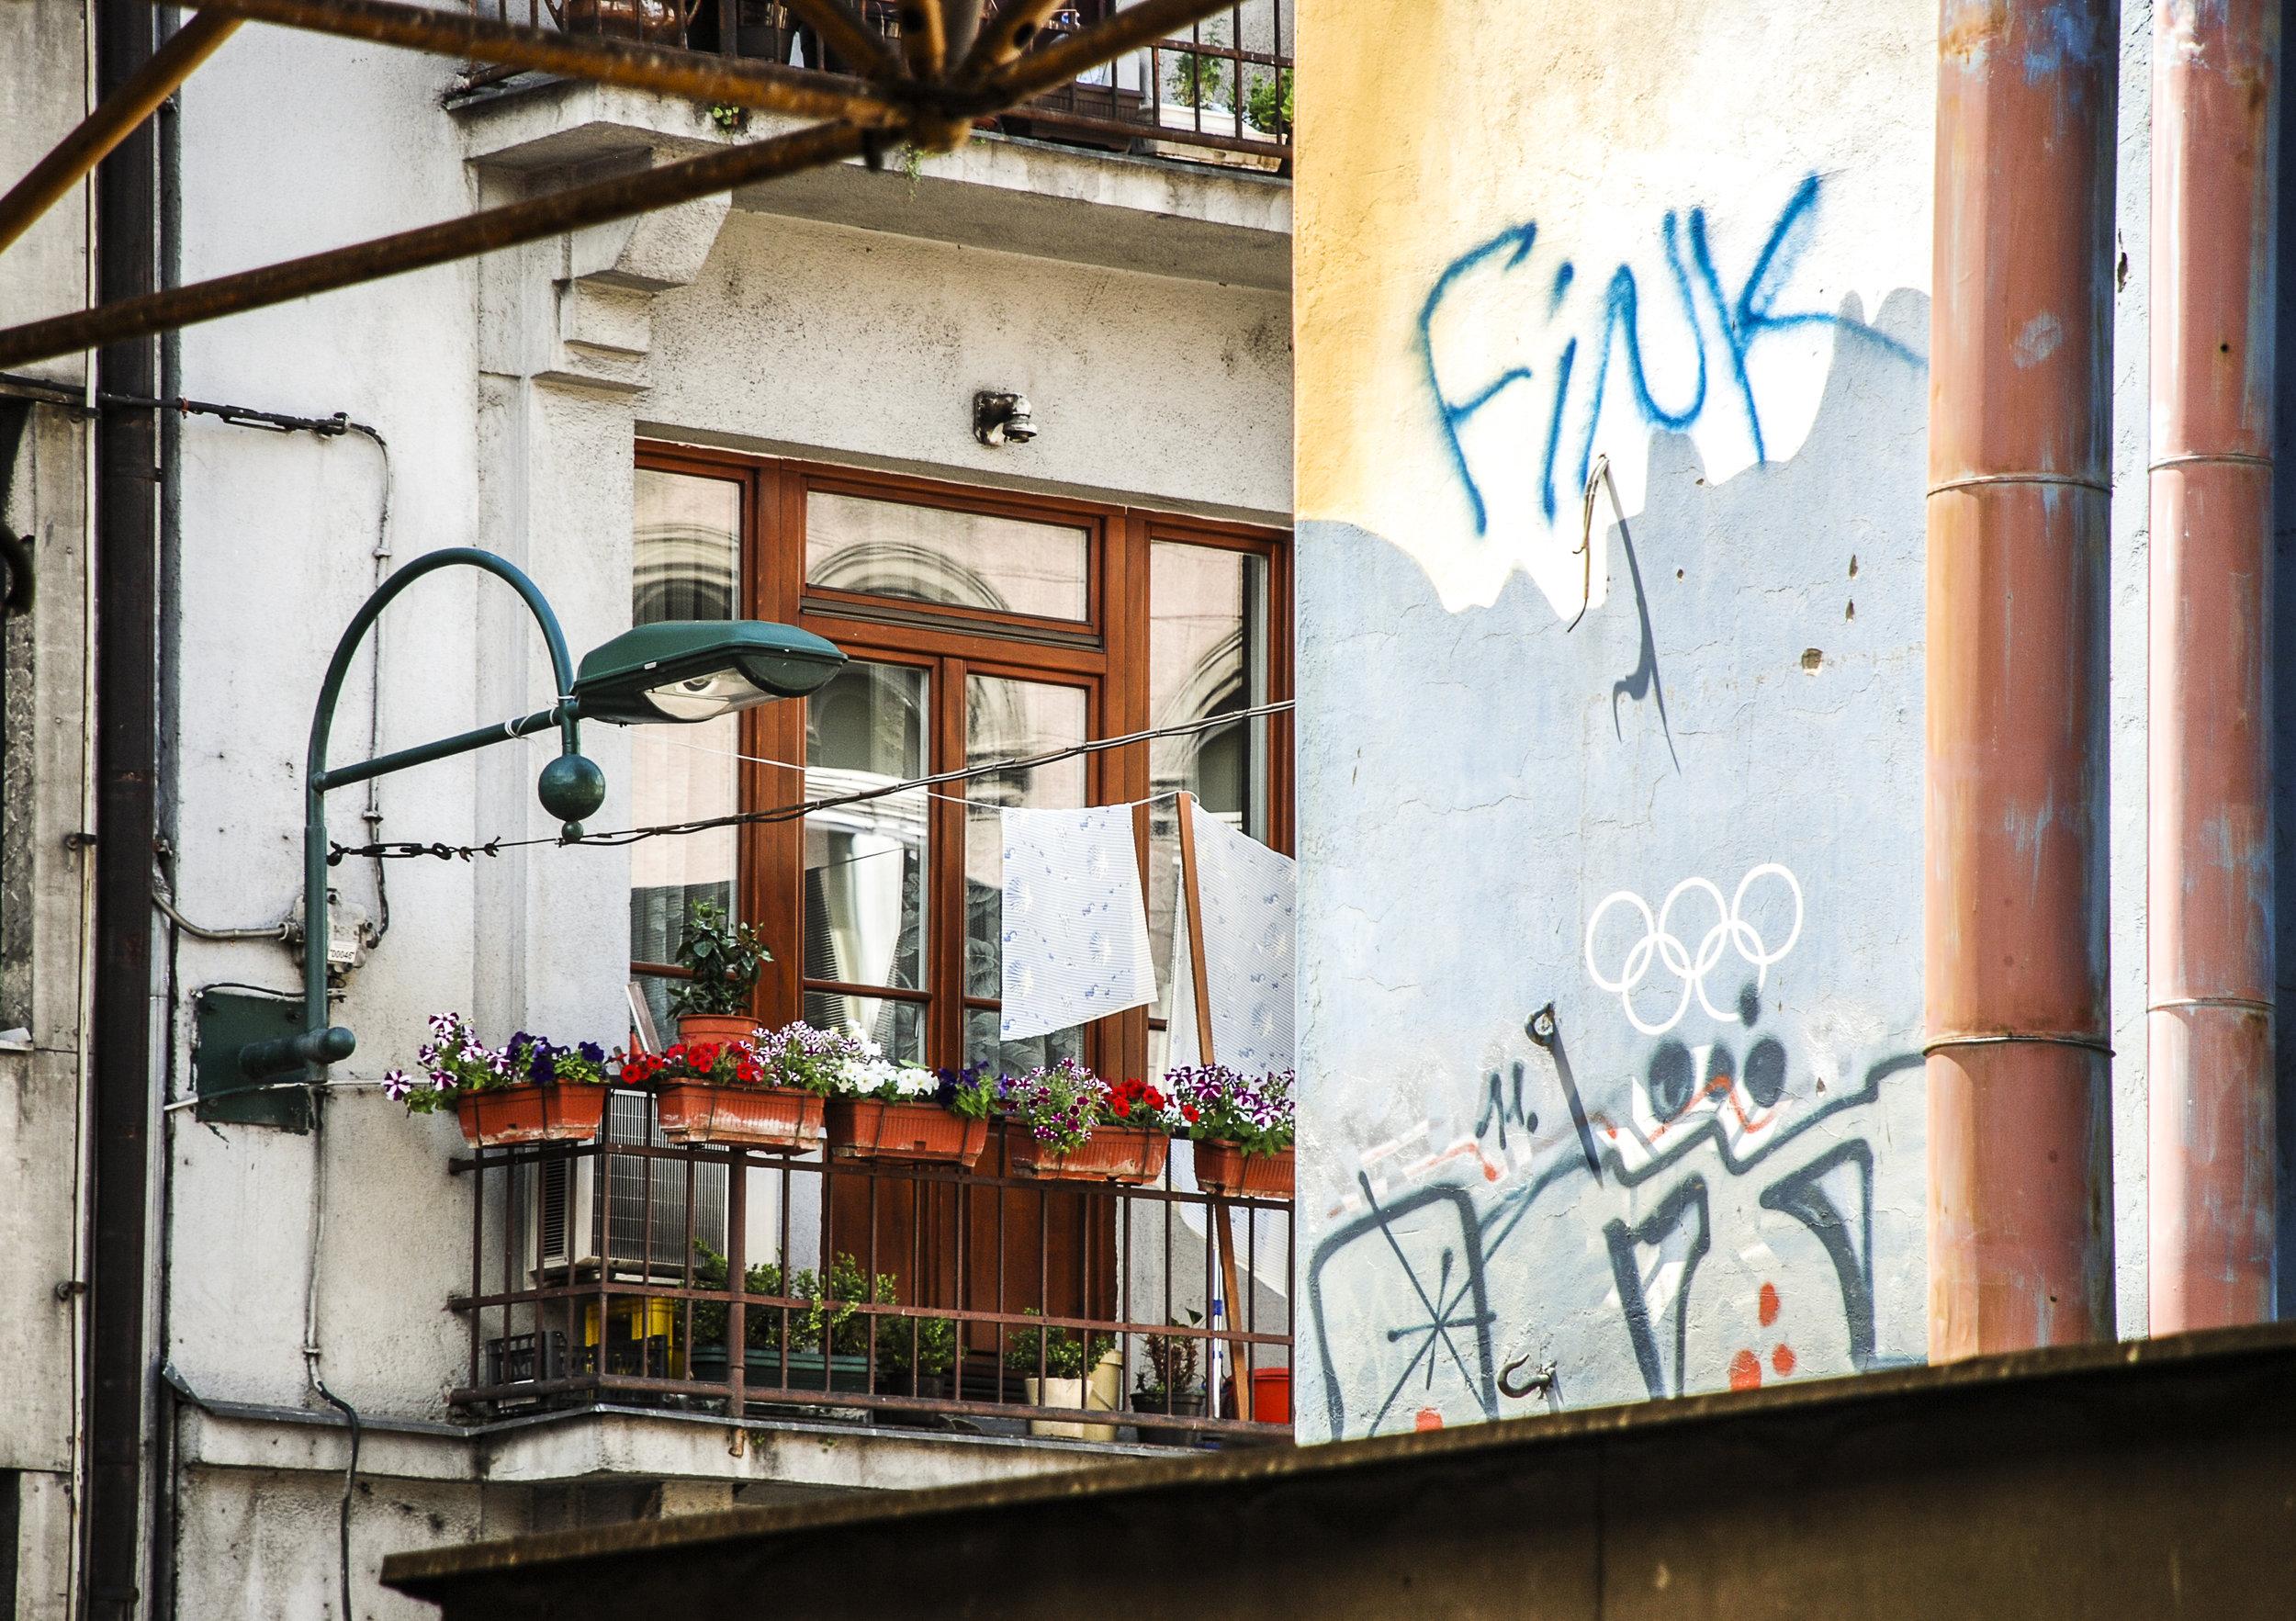 Sarajevo_culturekeeper_rice_peyrous-0309.jpg